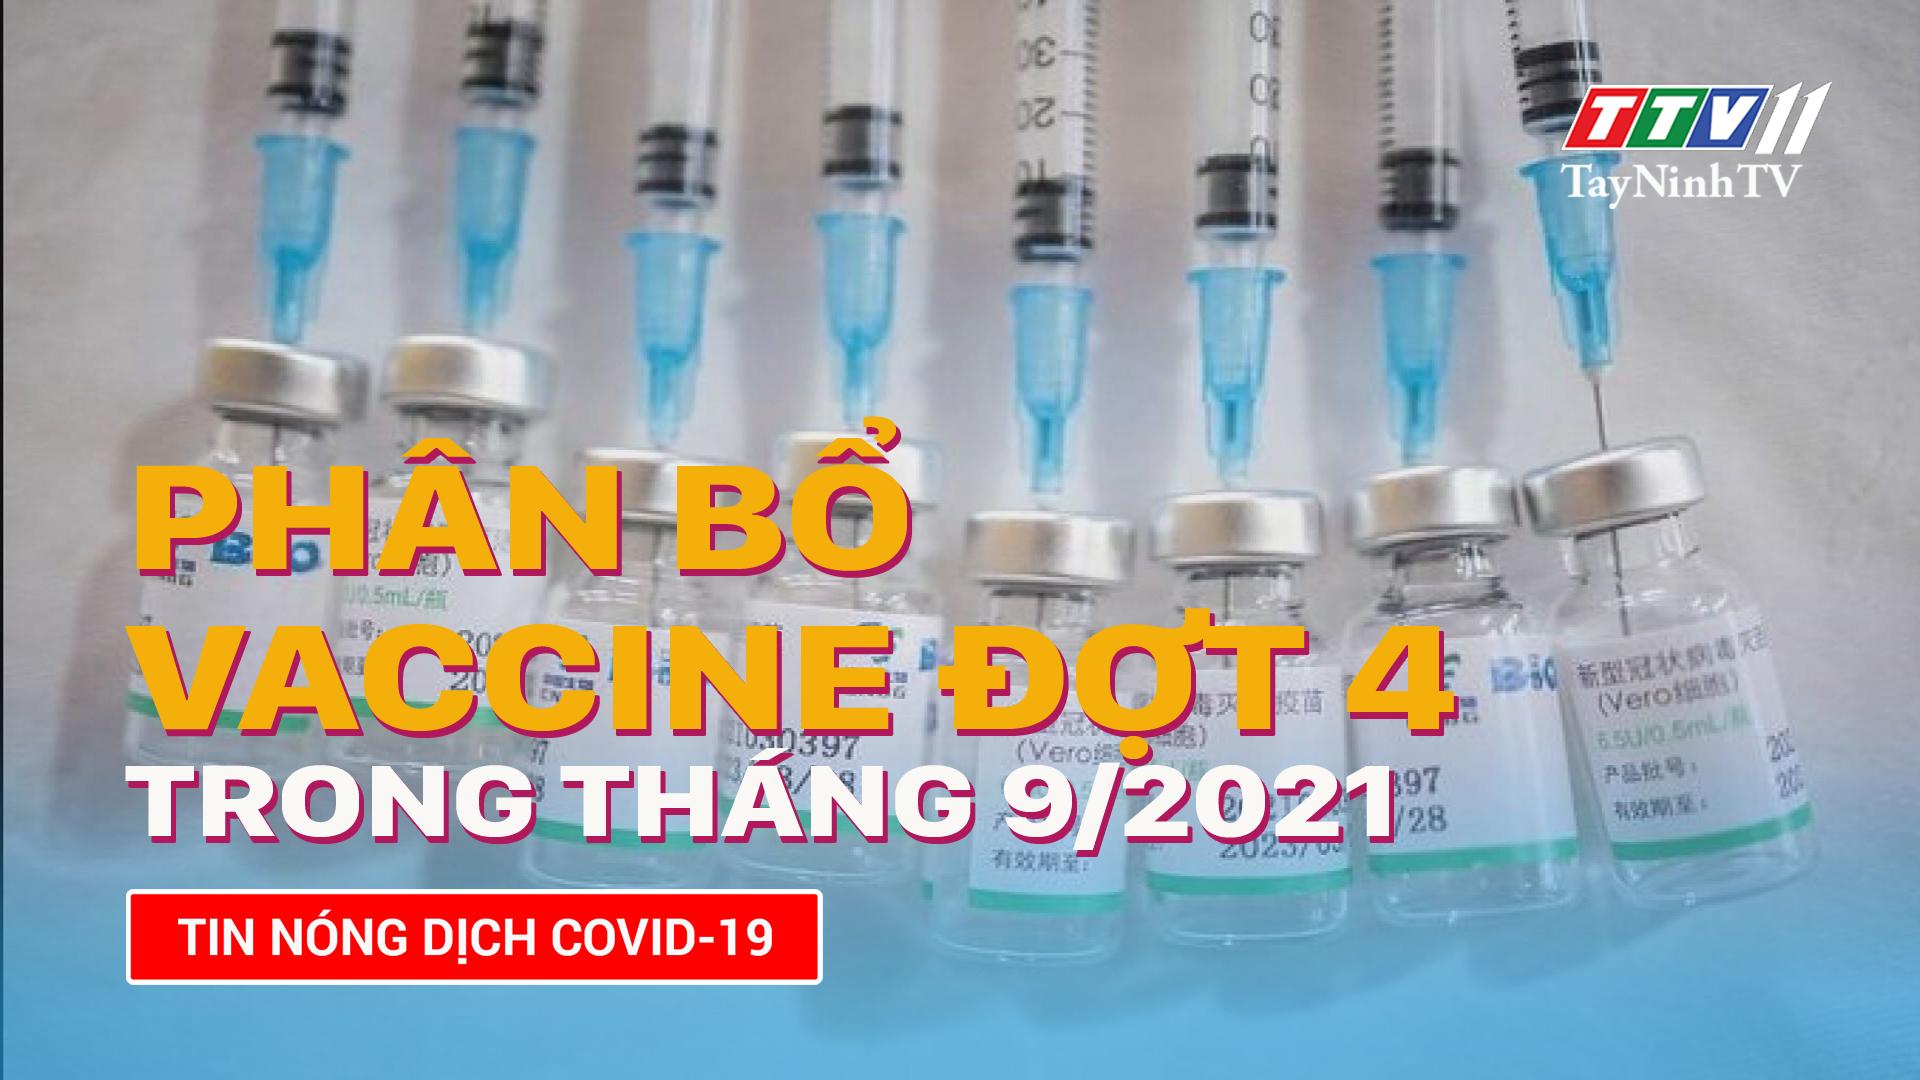 Tây Ninh phân bổ Vaccine phòng Covid-19 đợt 4 trong tháng 9/2021 | TayNinhTV